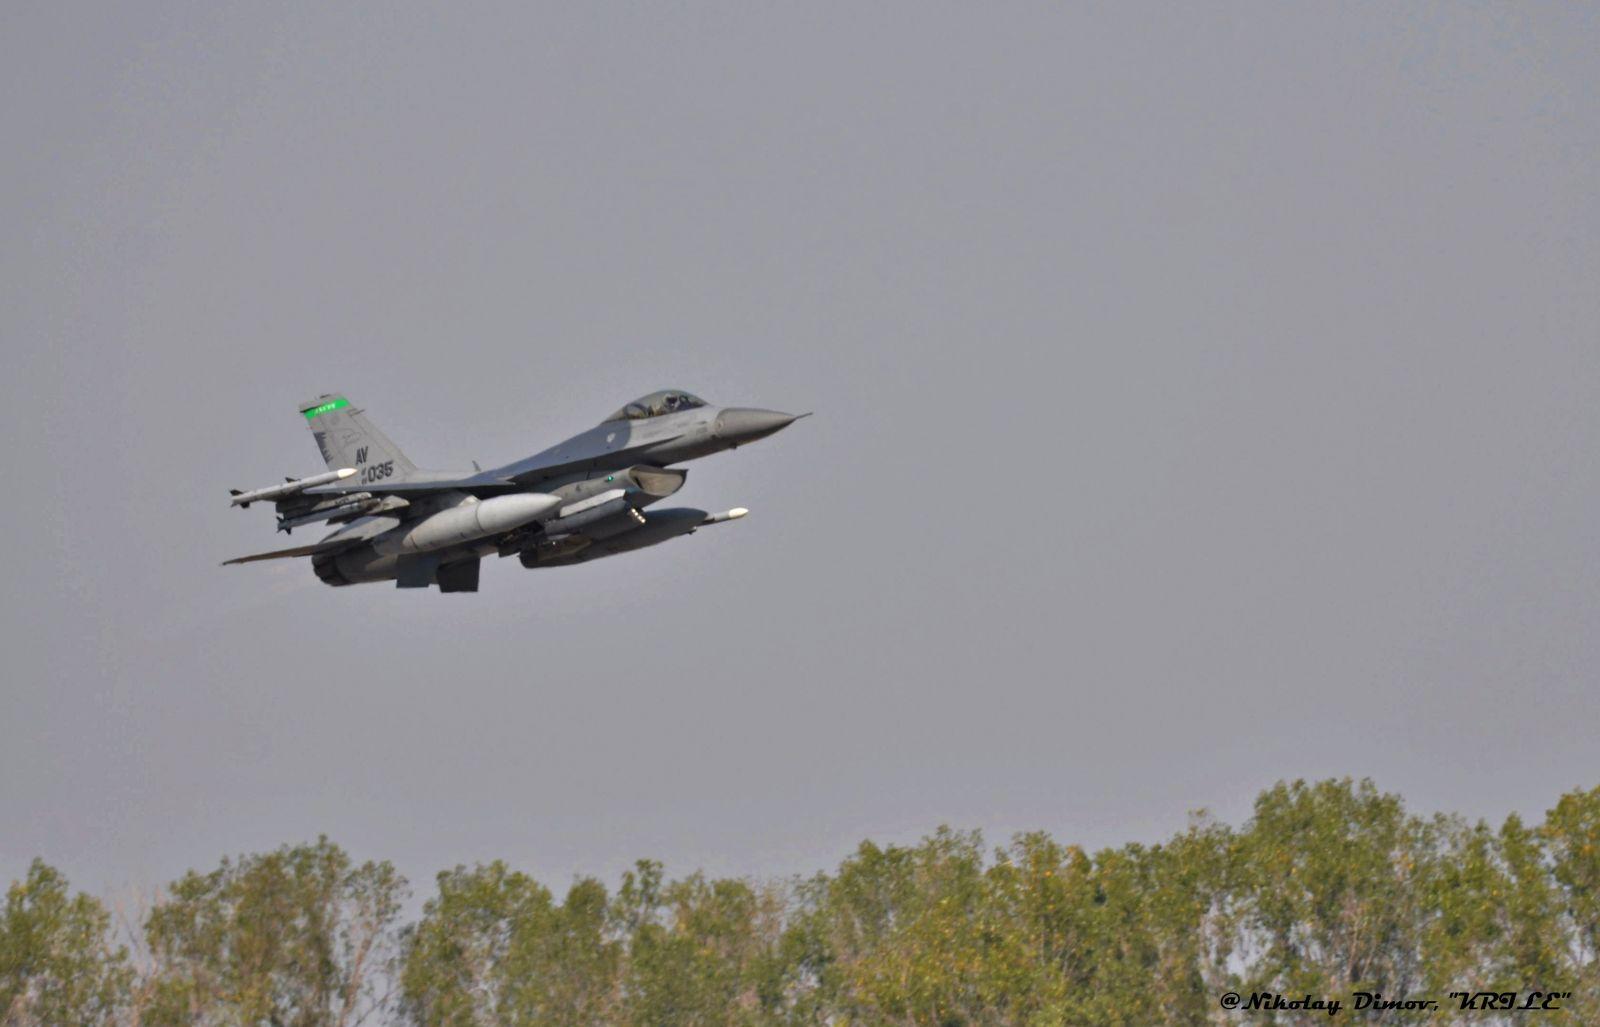 """Президентът Румен Радев на """"Тракийска пепелянка - 2020"""":""""Общият нальот на военните пилоти от Граф Игнатиево е по-малък от този на един летец от ВВС на другите държави от НАТО"""""""